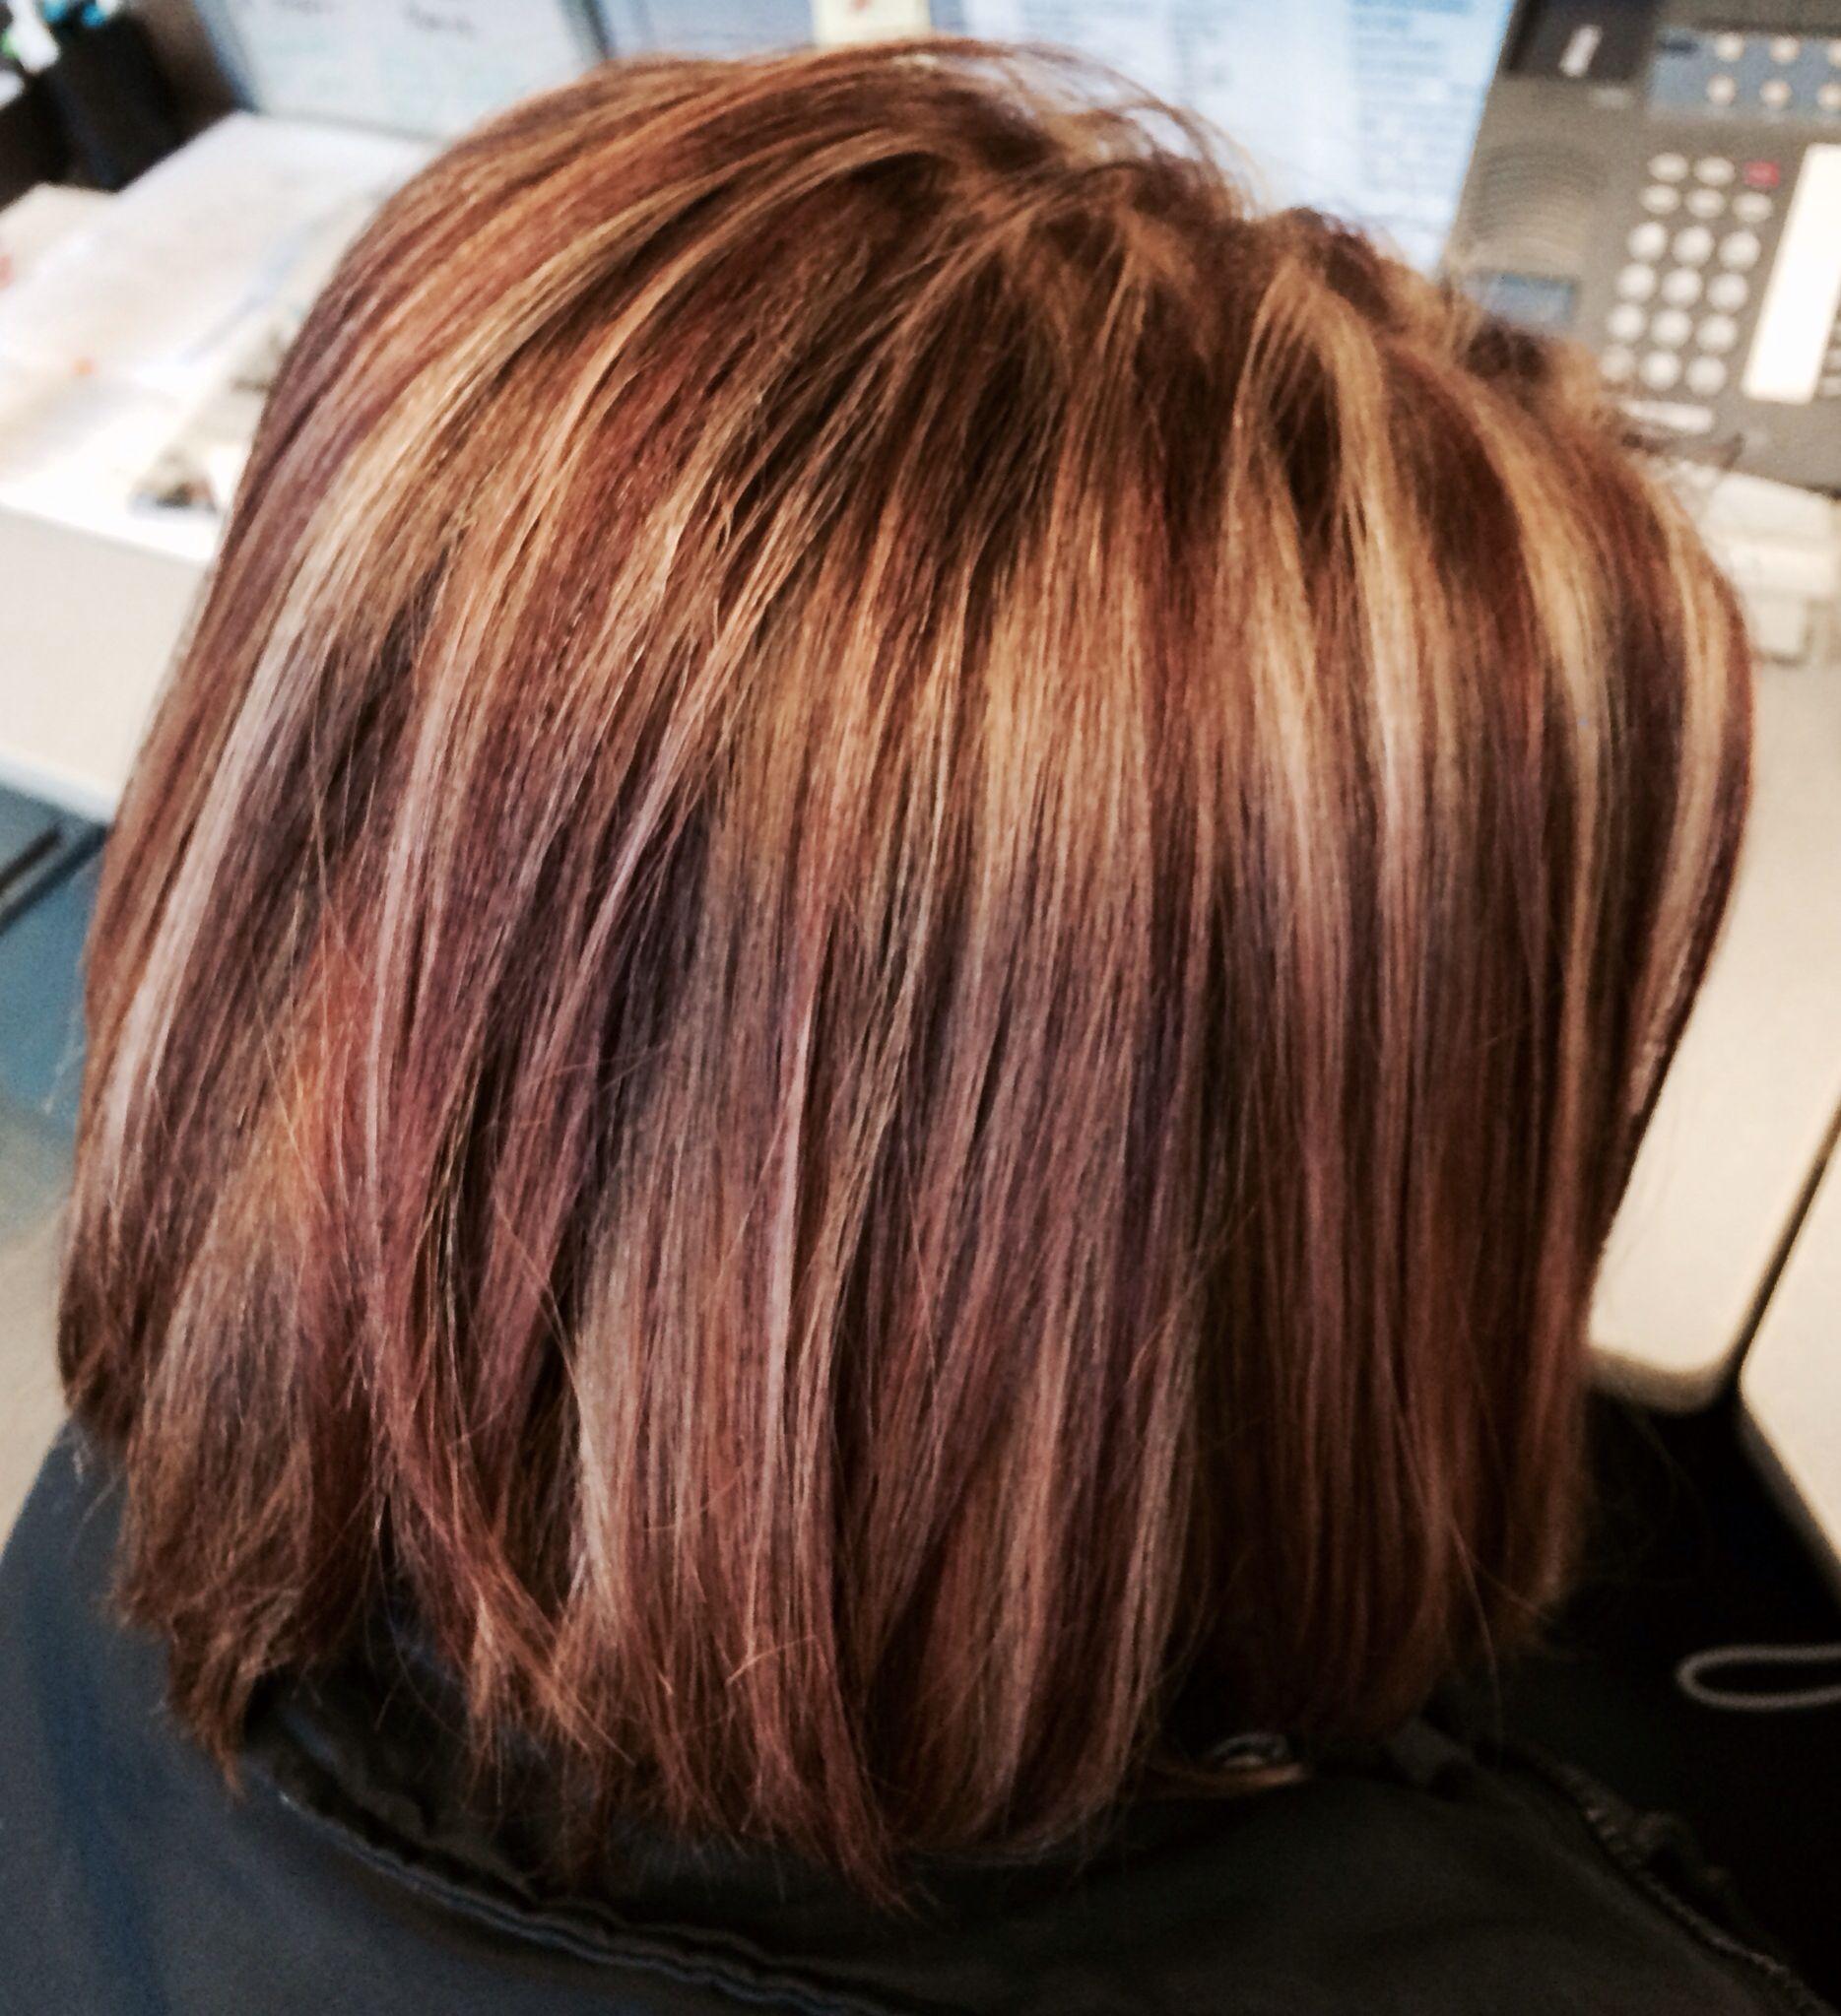 Caramel Hair Color With Auburn Highlights Brown Hair With Brown Hair Pictures Hair Color Auburn Brown Hair With Highlights